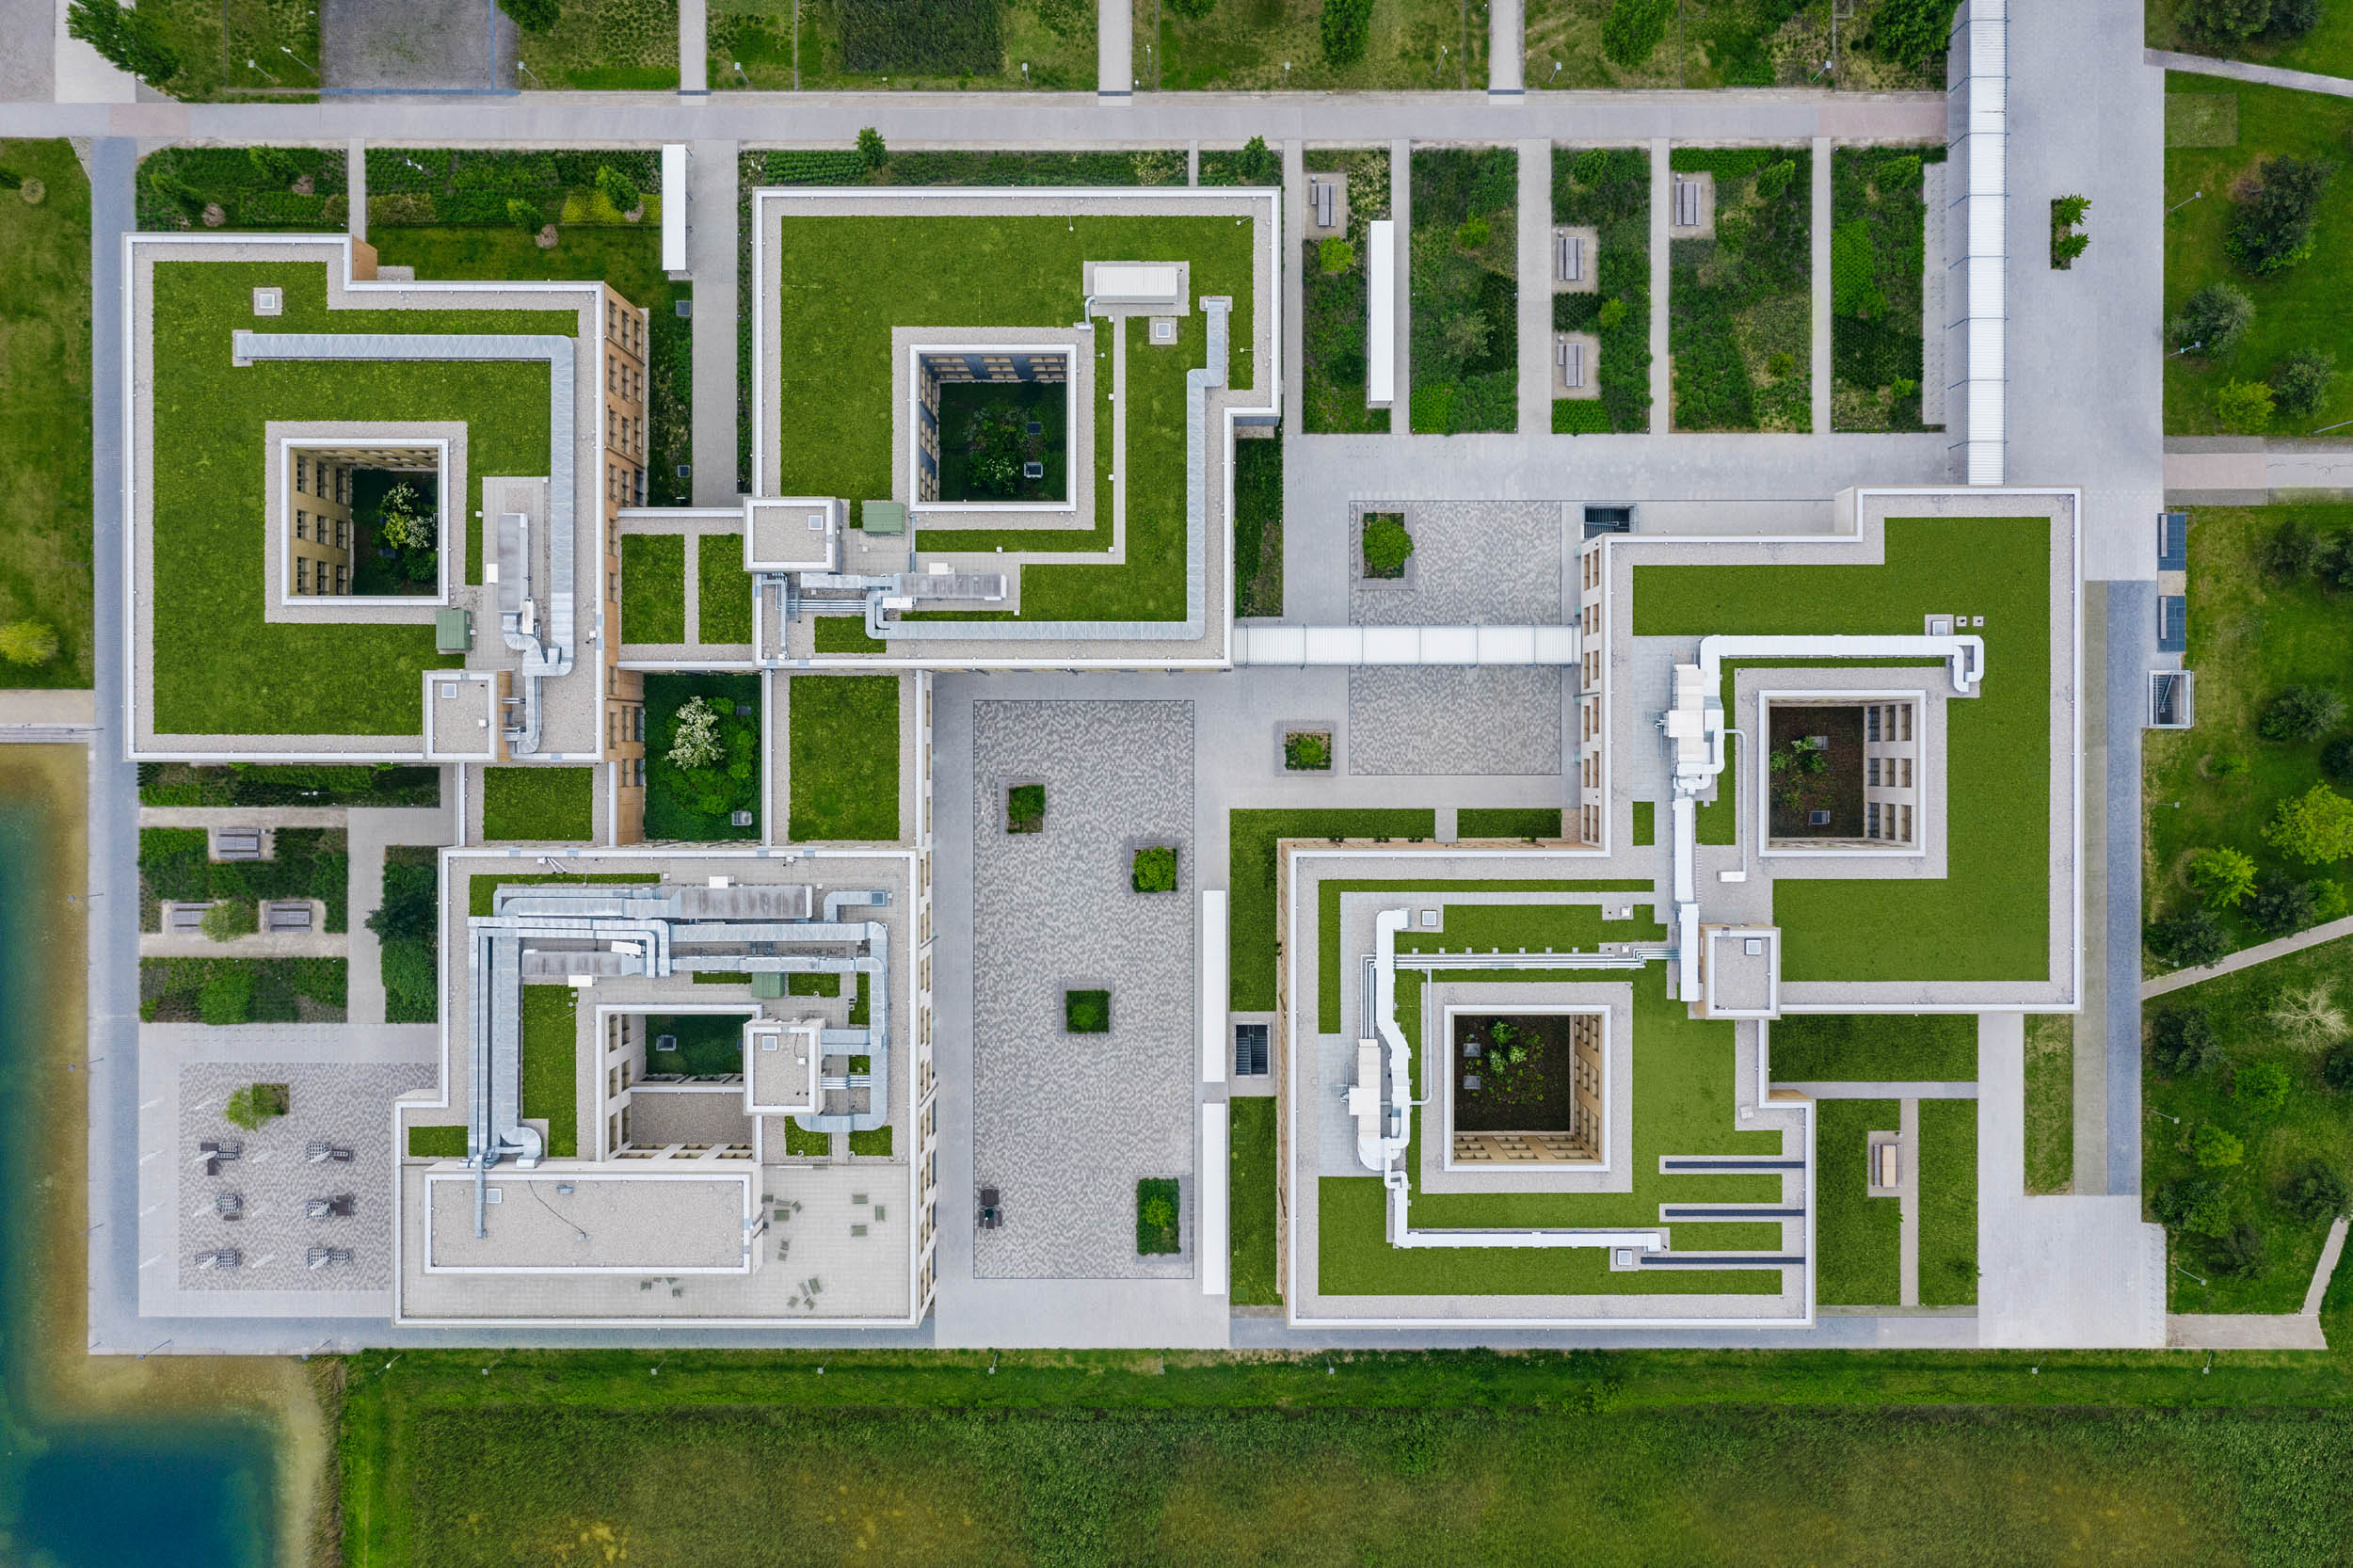 Gustav-Epple-Bauunternehmung-Campeon-München-Infineon_BA2_DJI_0760#02